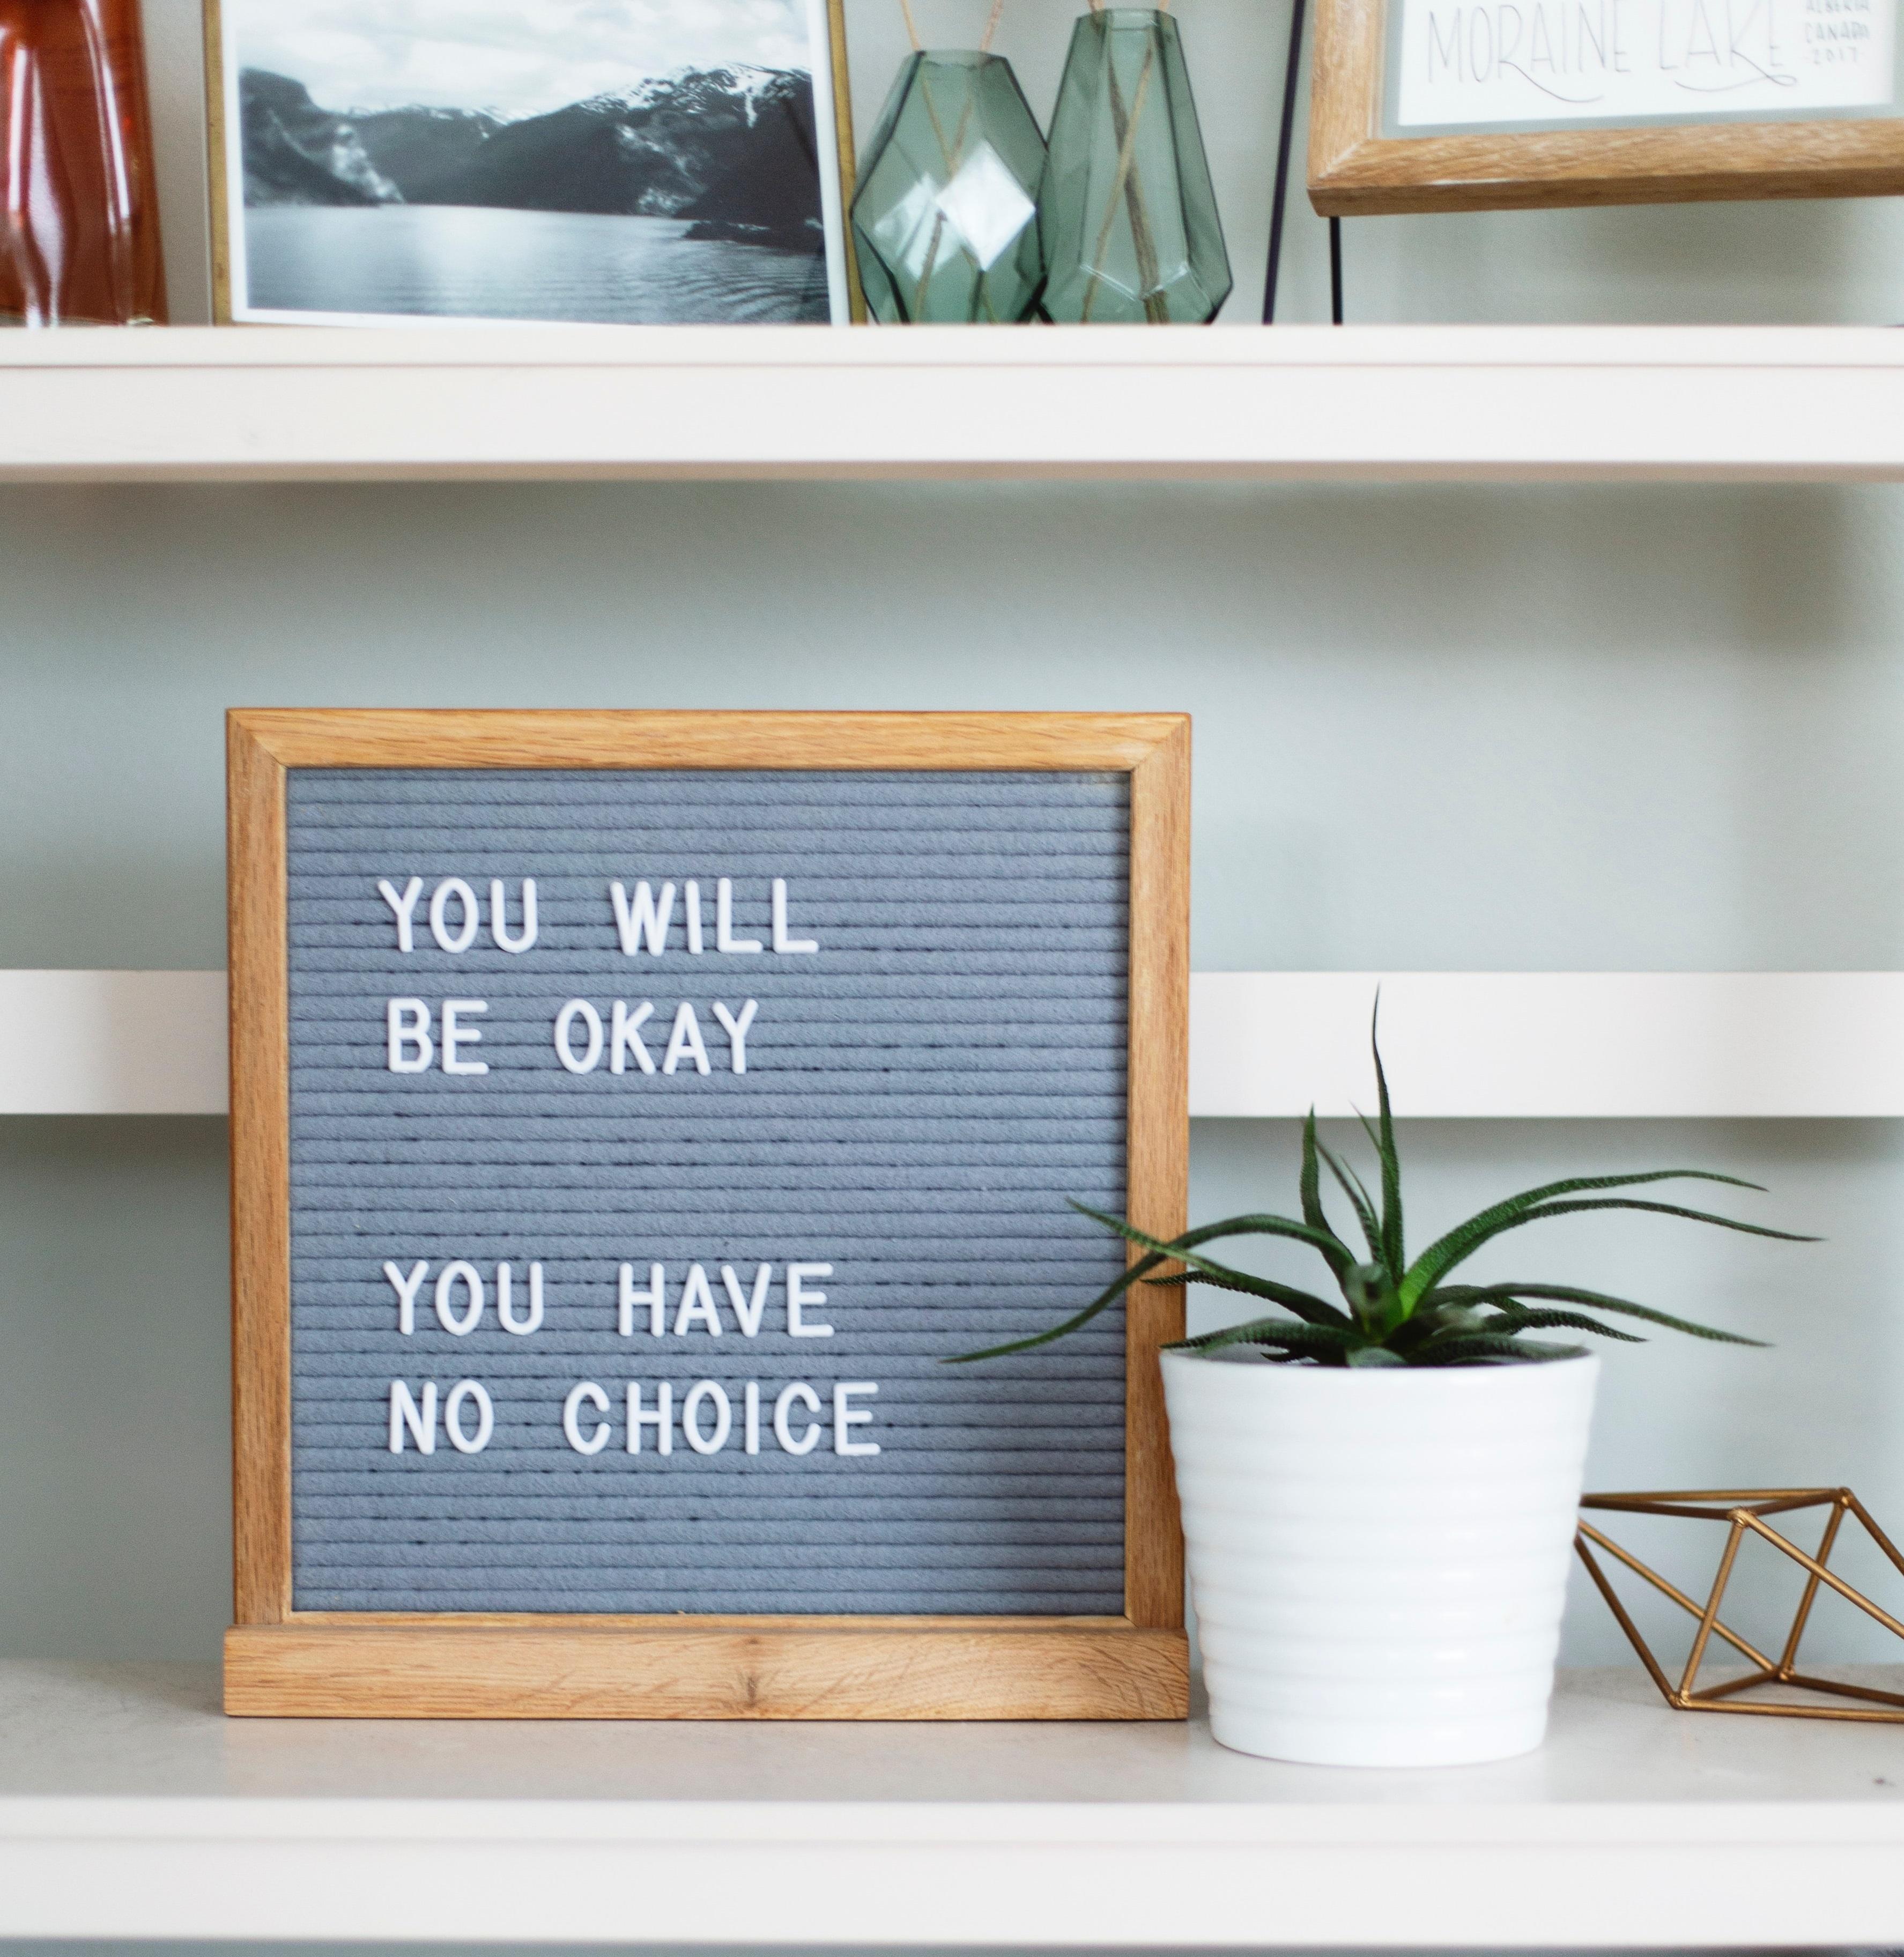 kirjahyllyllä kyltti, jossa teksti: you will be okay, you have no choice.